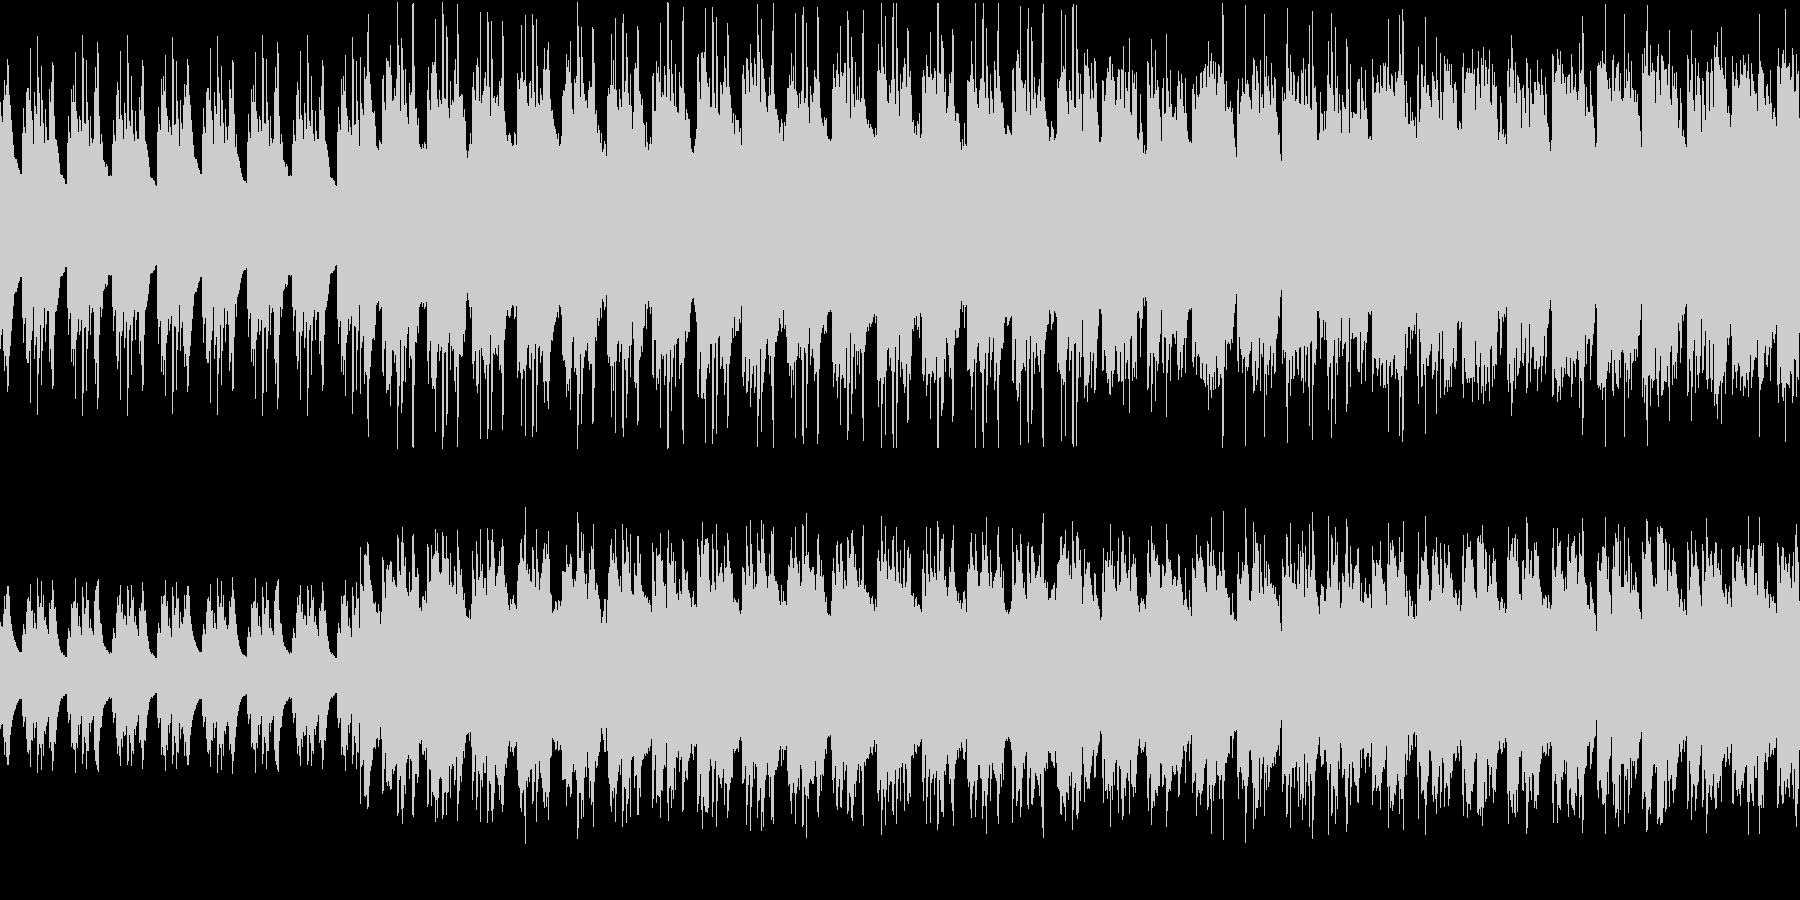 おばけの森 RPG風 ループの未再生の波形